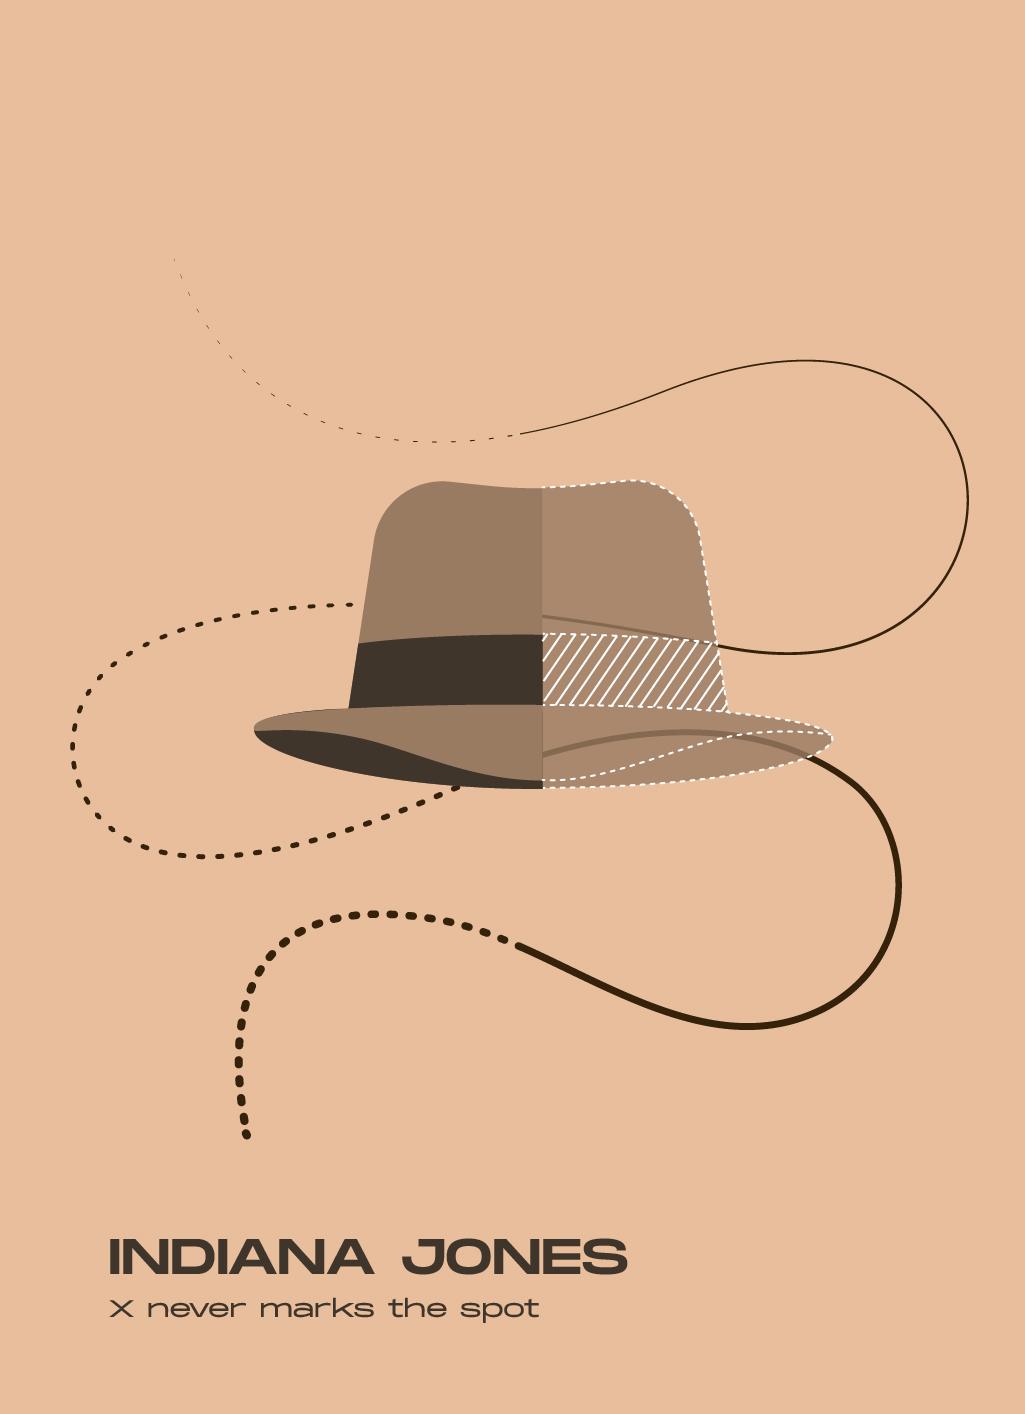 Indiana Jones ou l'art  d'aboutir à des solutions simples (sans être simplistes)